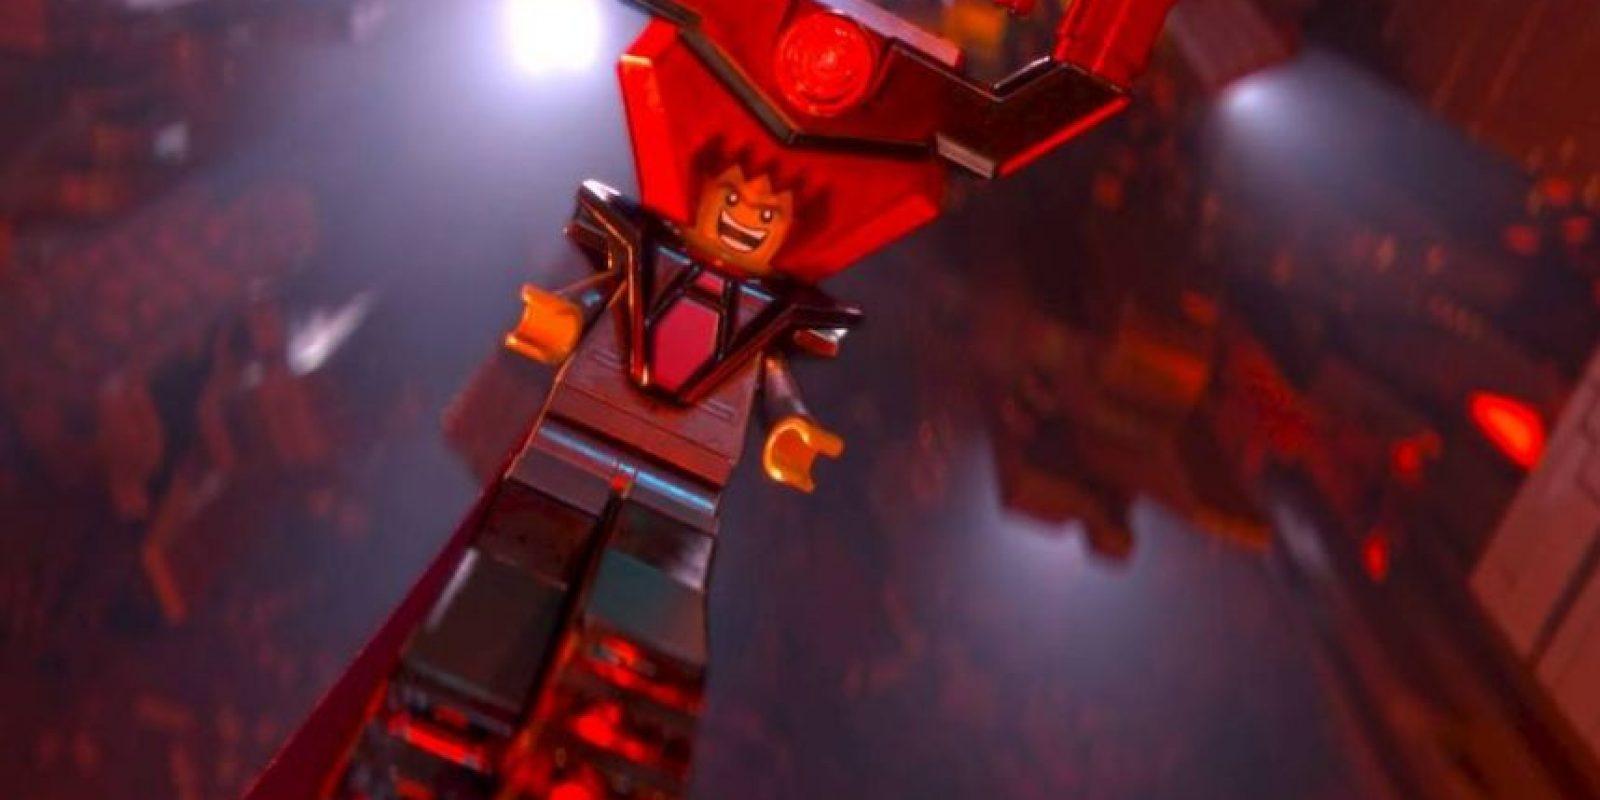 """En secreto, el Presidente Negocios es el """"Señor Negocios"""", un tirano que con un ejército de robots planea conquistar el universo Lego. Foto:Facebook/The Lego Movie"""